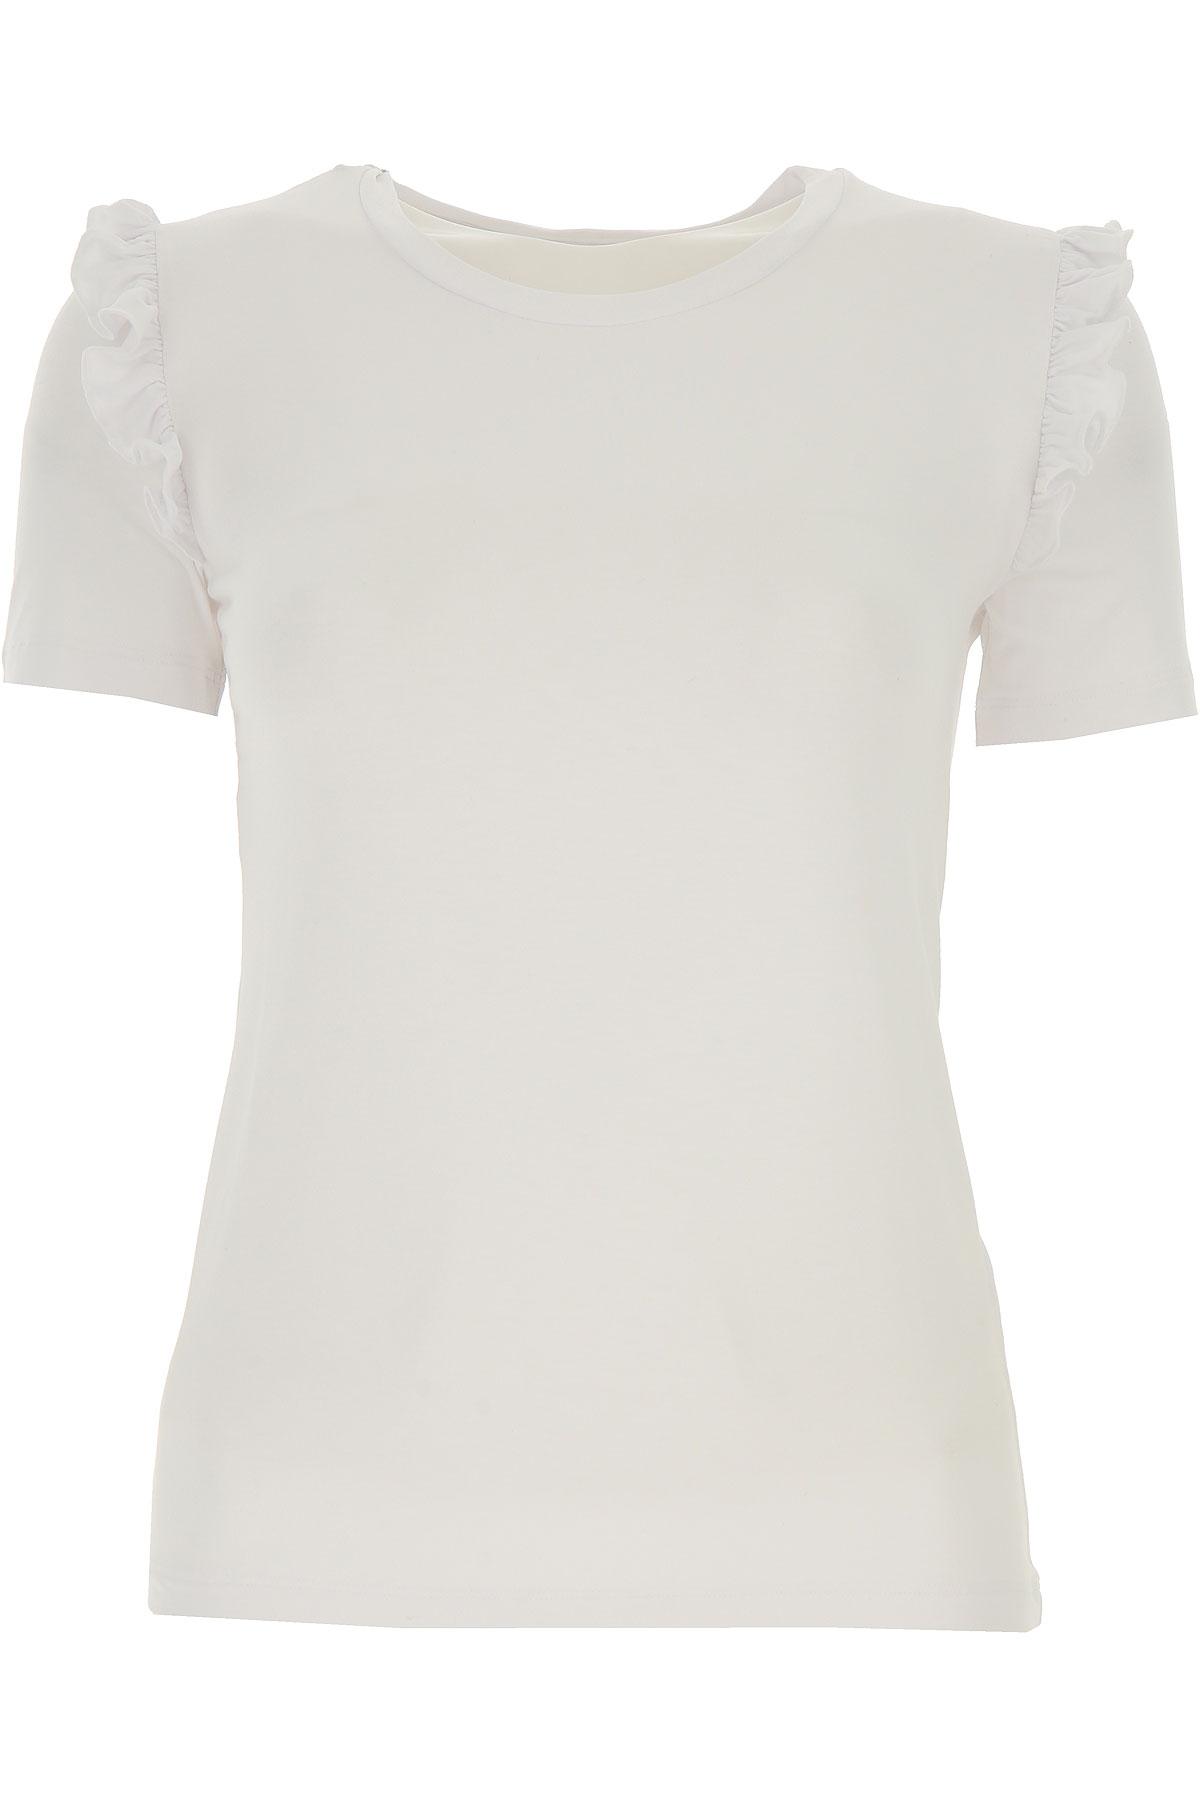 Patrizia Pepe T-shirt Femme, Blanc, Viscose, 2017, 1a -- Eu 38/40 2a -- Eu 40/42 3a -- Eu 42/44